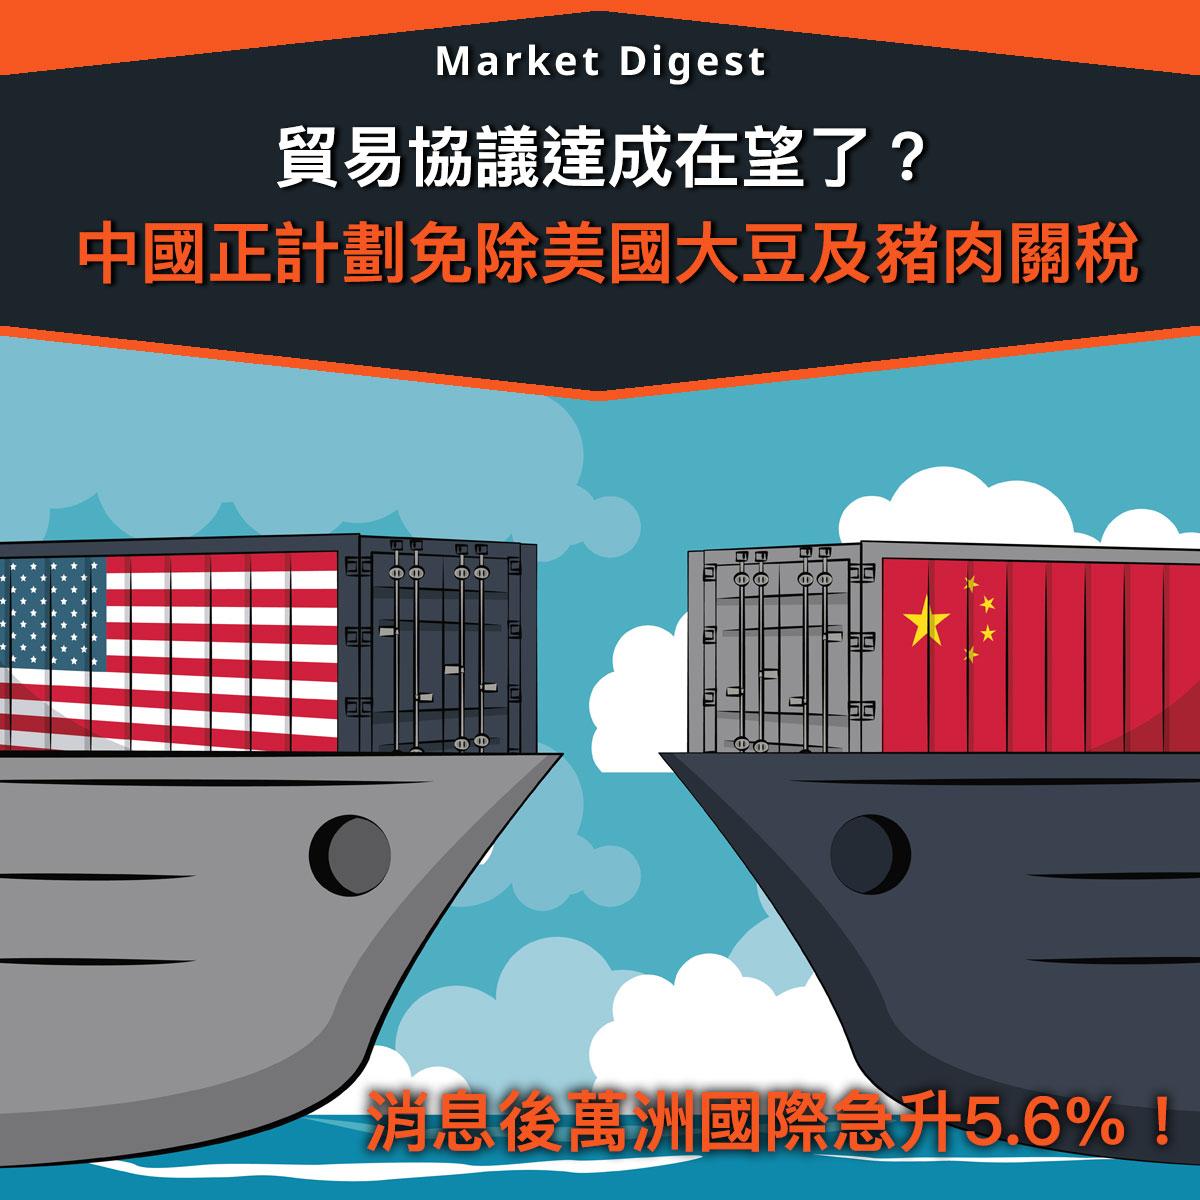 【中美貿易戰】中國正計劃免除美國大豆及豬肉關稅,貿易協議達成在望了?